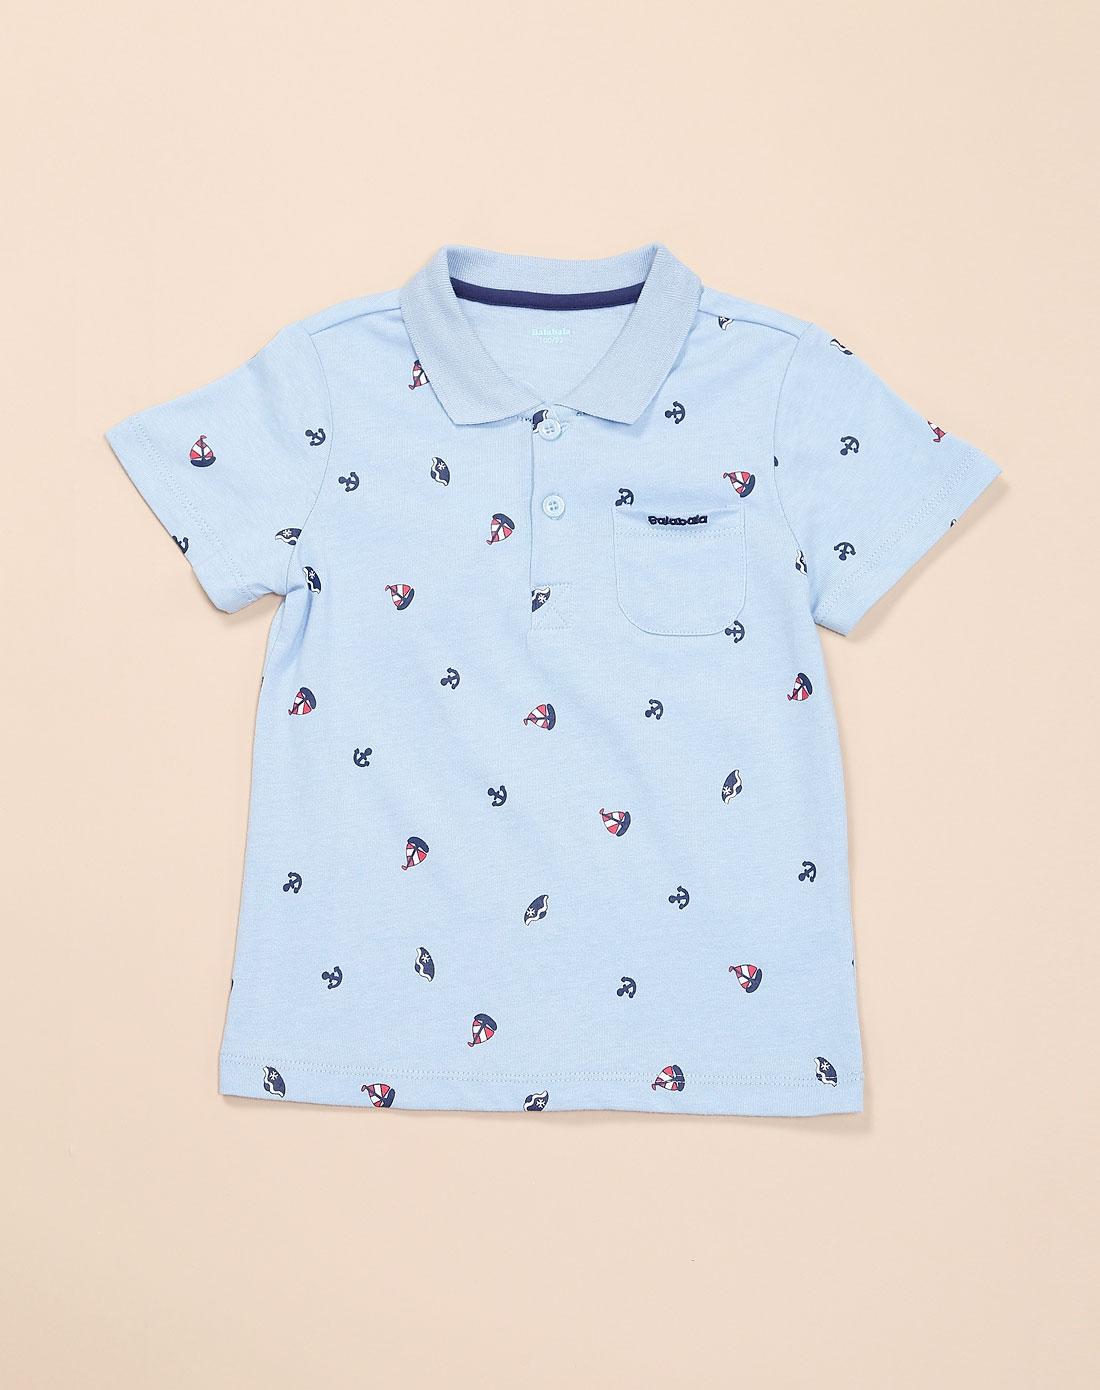 男童可爱印花浅蓝色针织短袖t恤